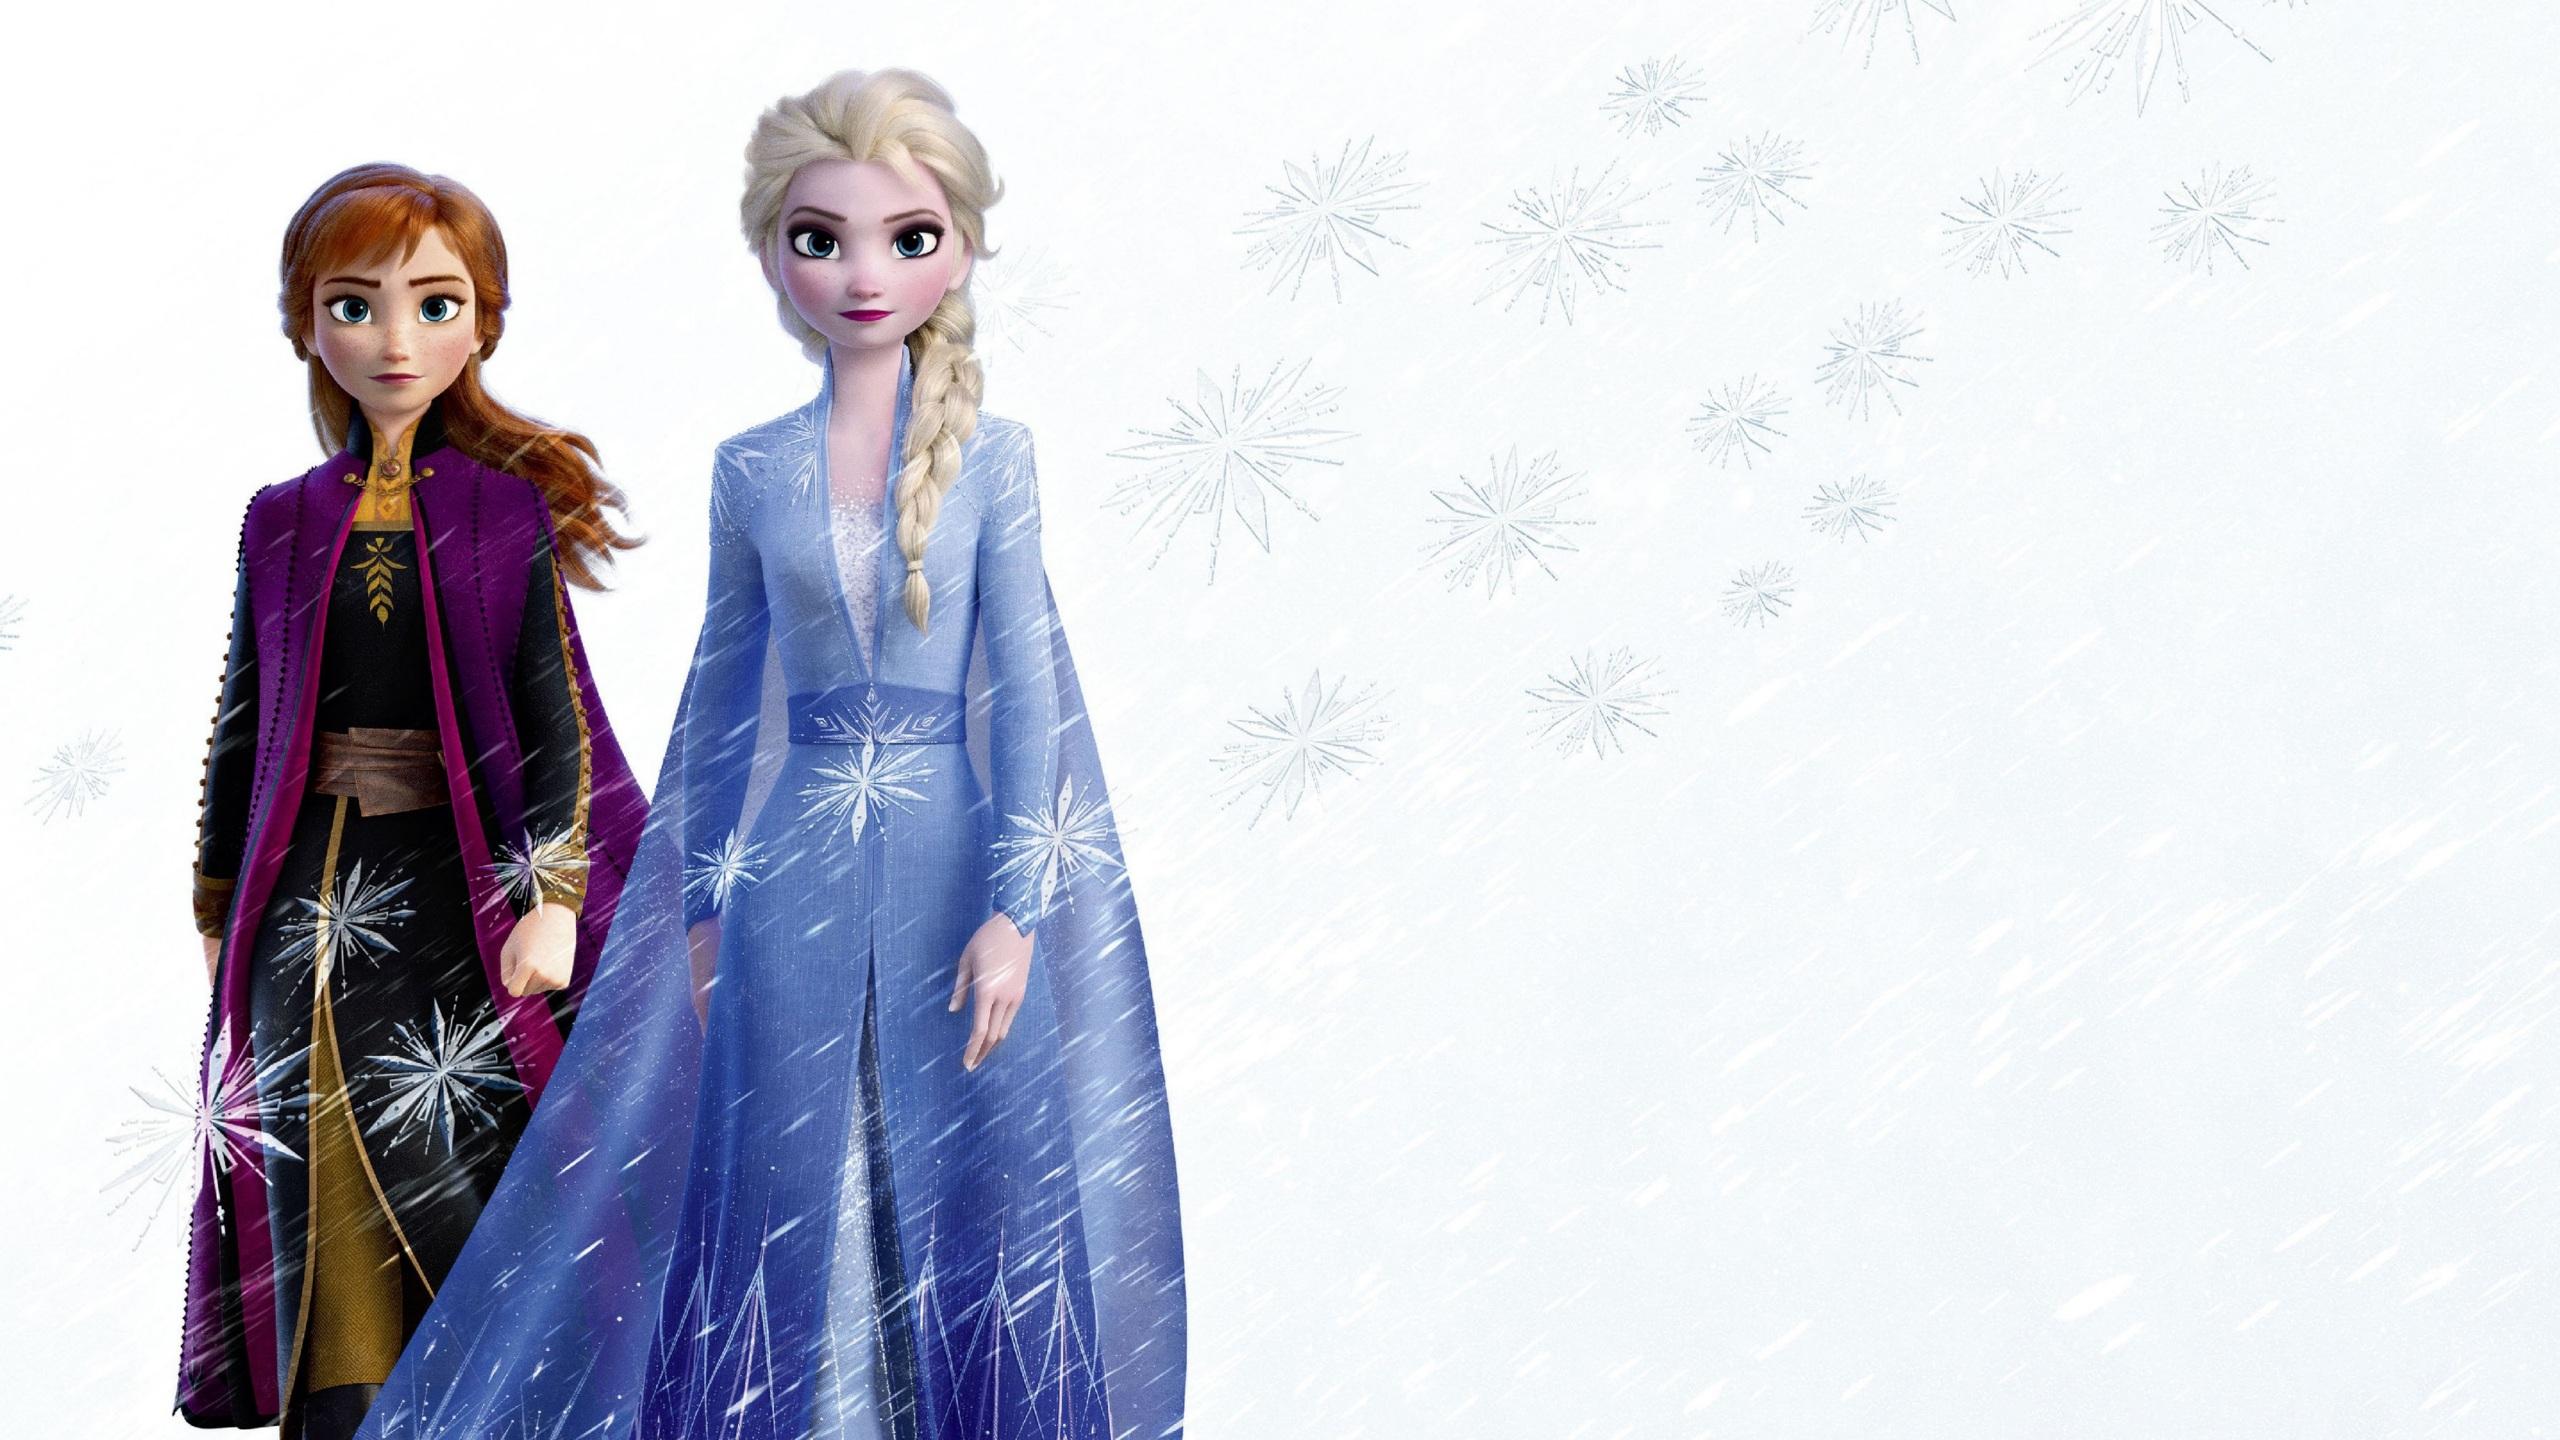 Картинка Дисней Холодное сердце косы Anna, Elsa 3д Мультики молодые женщины 1920x1080 Disney Коса косички мультик девушка Девушки 3D Графика Мультфильмы молодая женщина